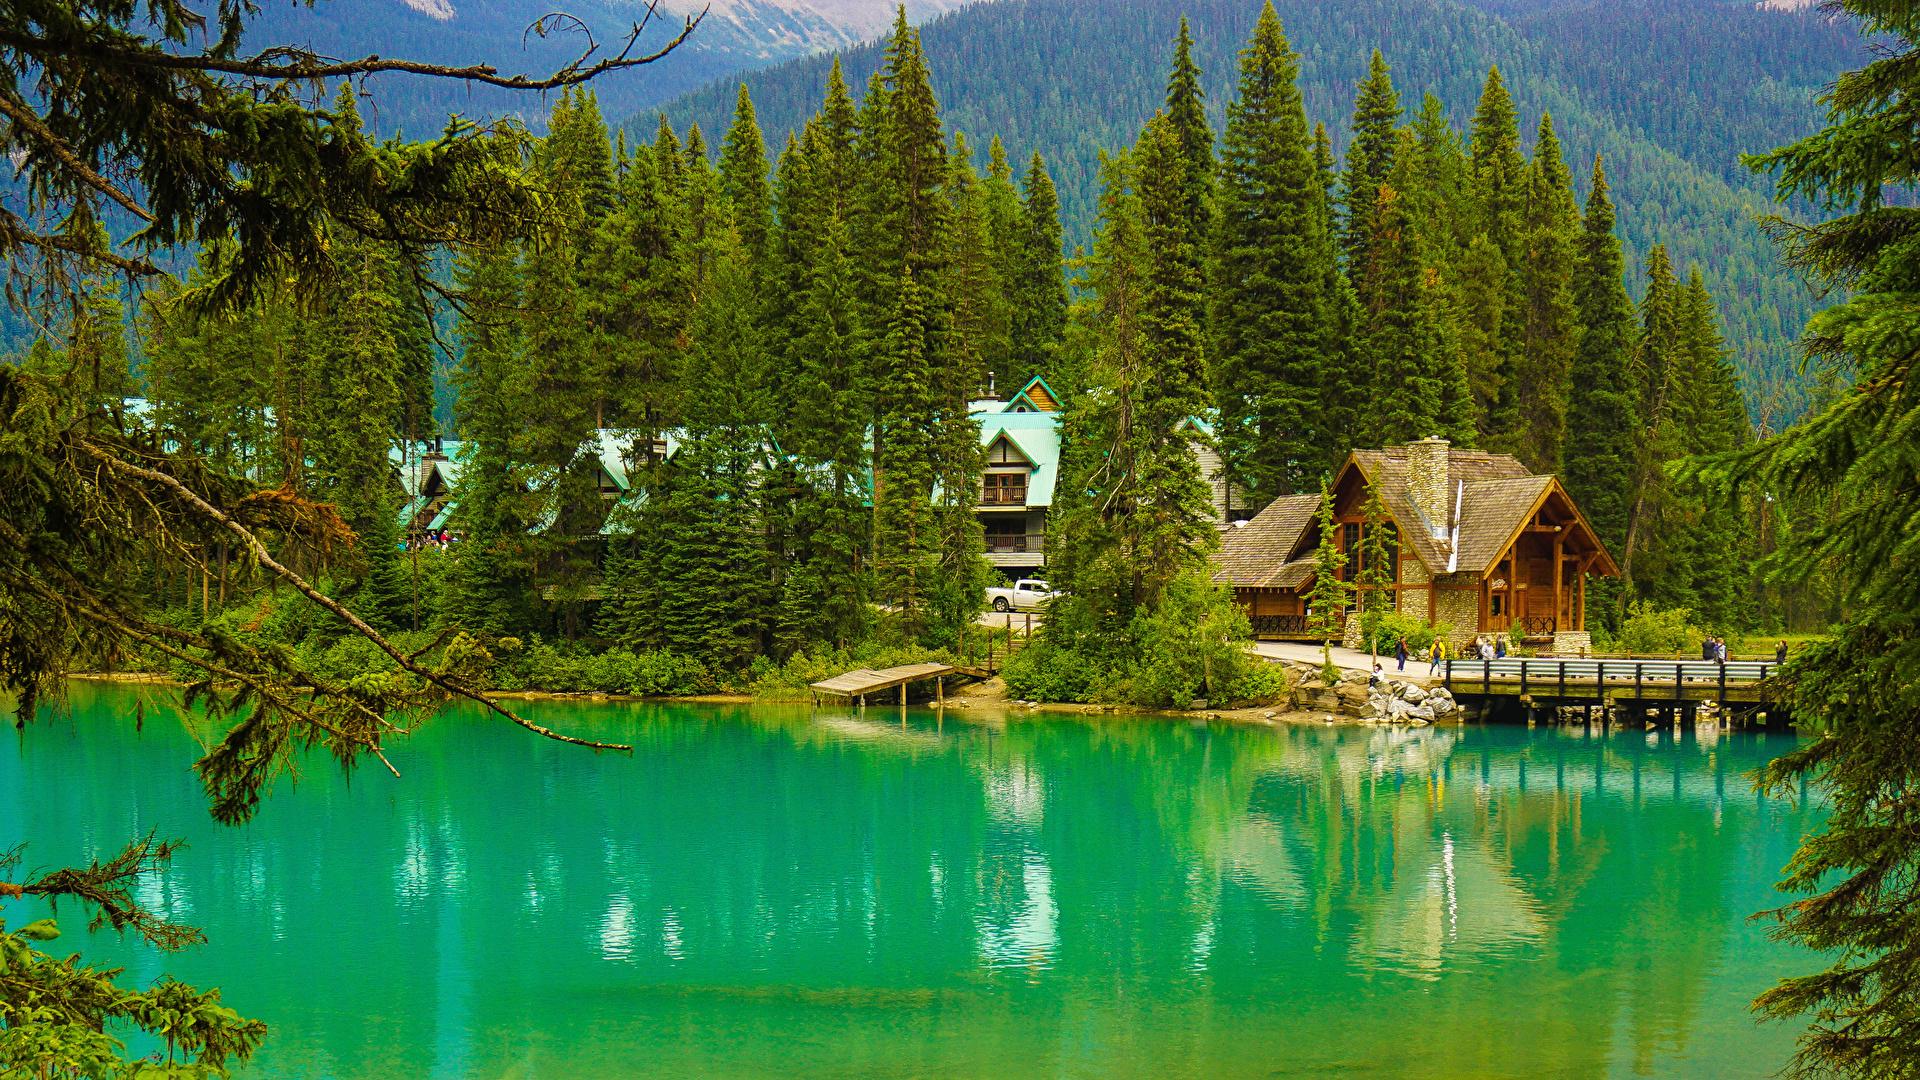 Фото Канада Yoho National Park Alberta Ель Мосты Природа Леса Озеро Парки Пристань Здания 1920x1080 Пирсы Причалы Дома